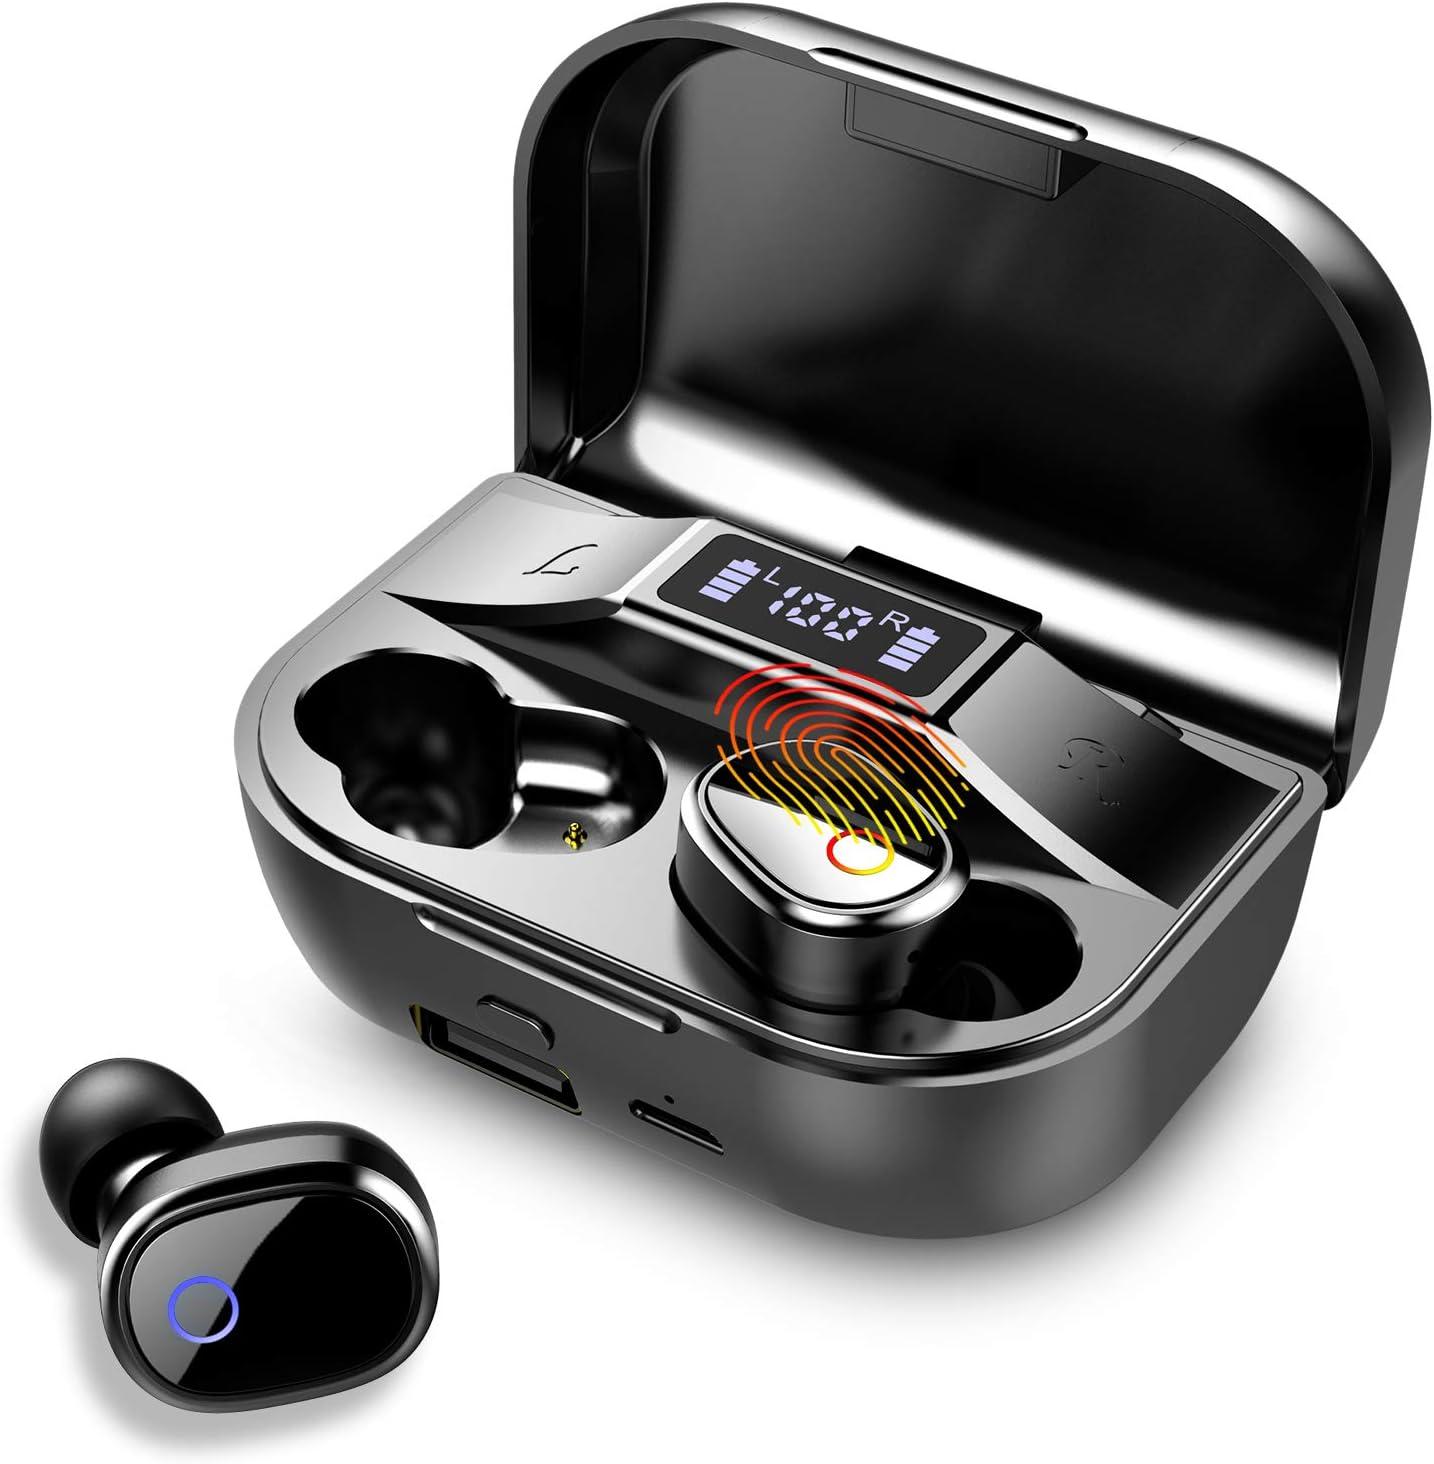 Auriculares Bluetooth, Estéreo Auriculares Inalámbricos Bluetooth 5.0 con Micrófono Integrado Incorporado, IPX7 Impermeable In-Ear Auriculares con 2000mAh LED Caja de Carga Portátil